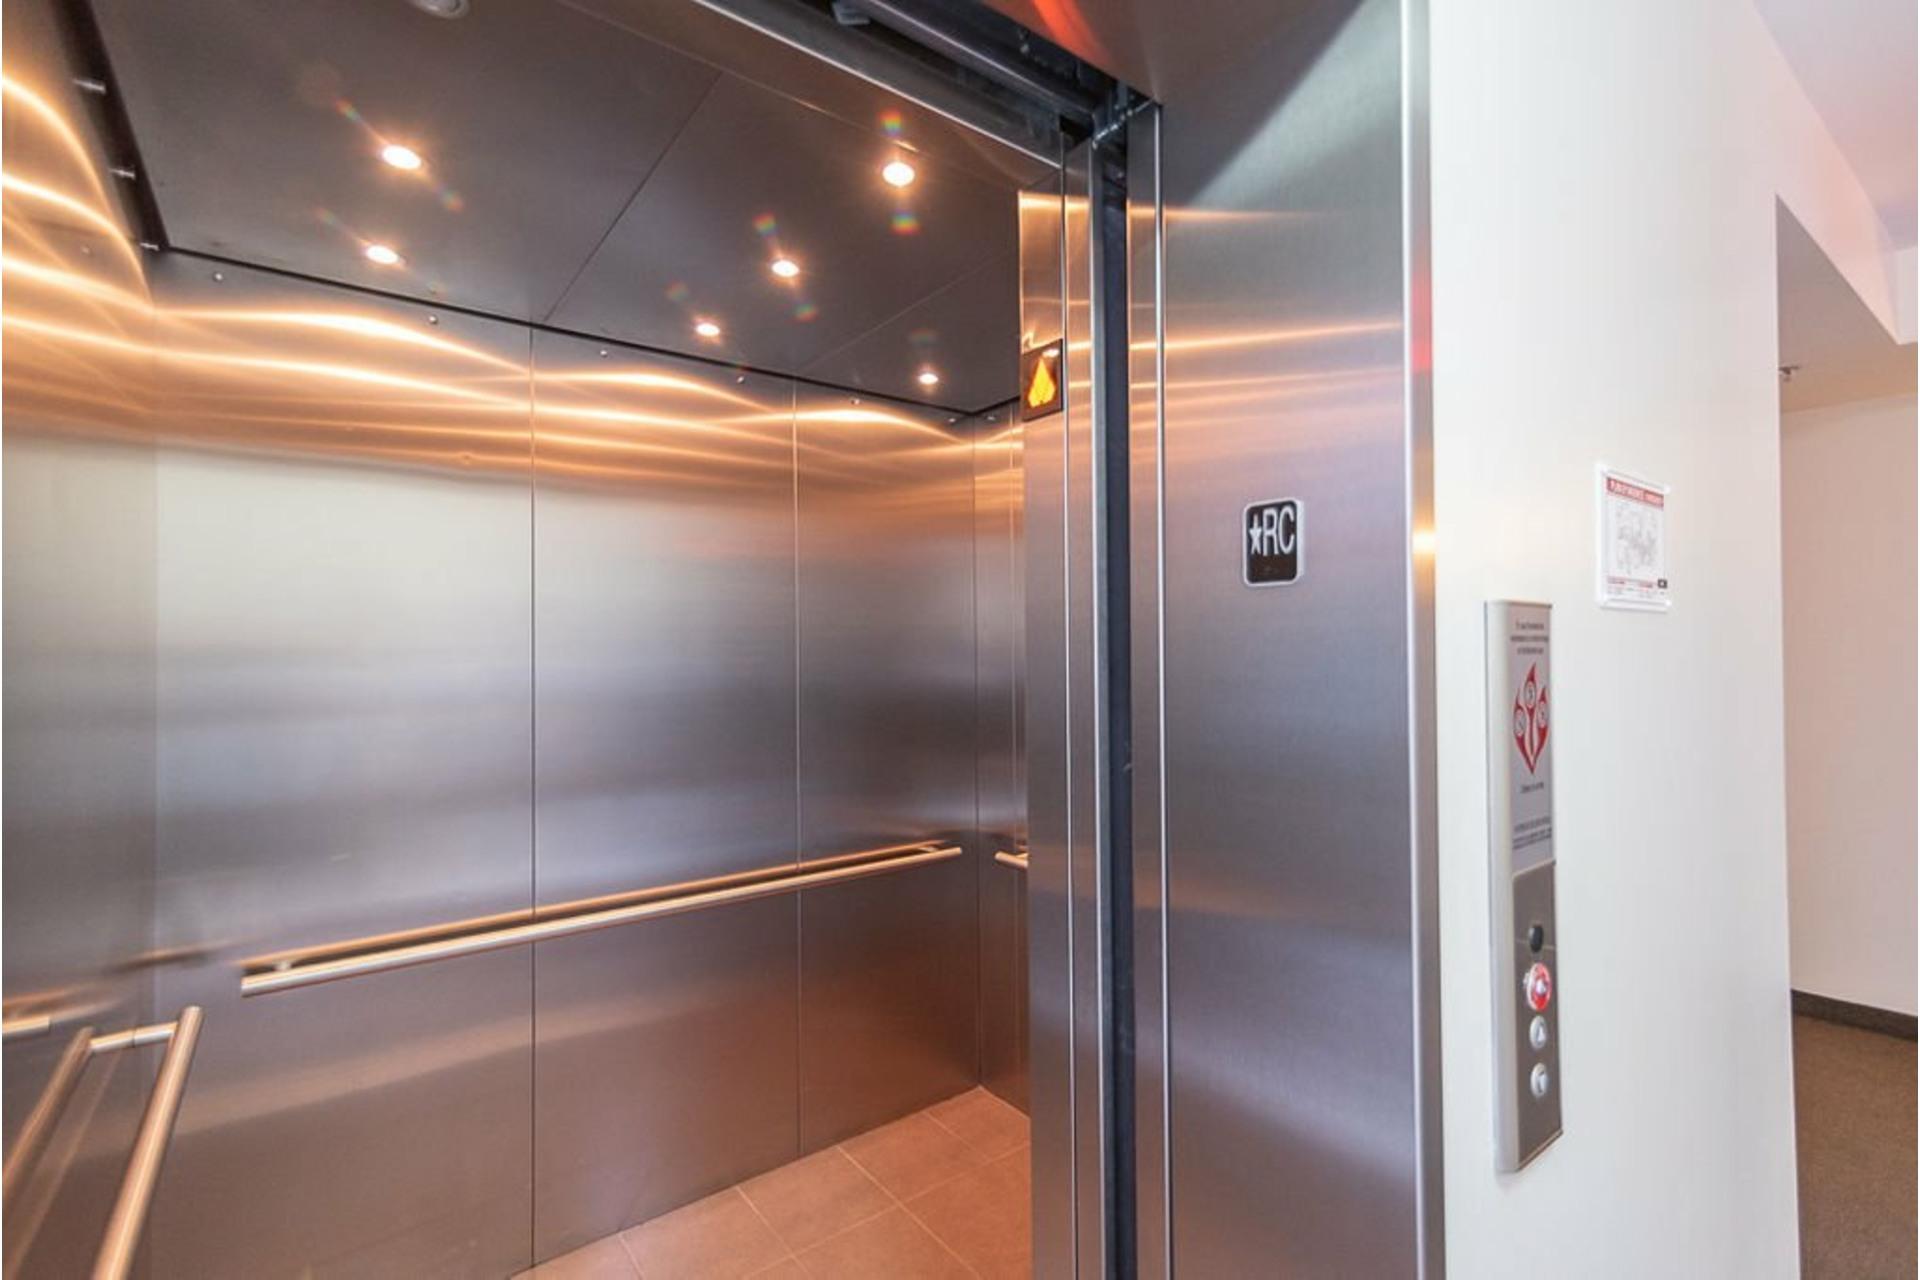 image 37 - Appartement À vendre Villeray/Saint-Michel/Parc-Extension Montréal  - 6 pièces